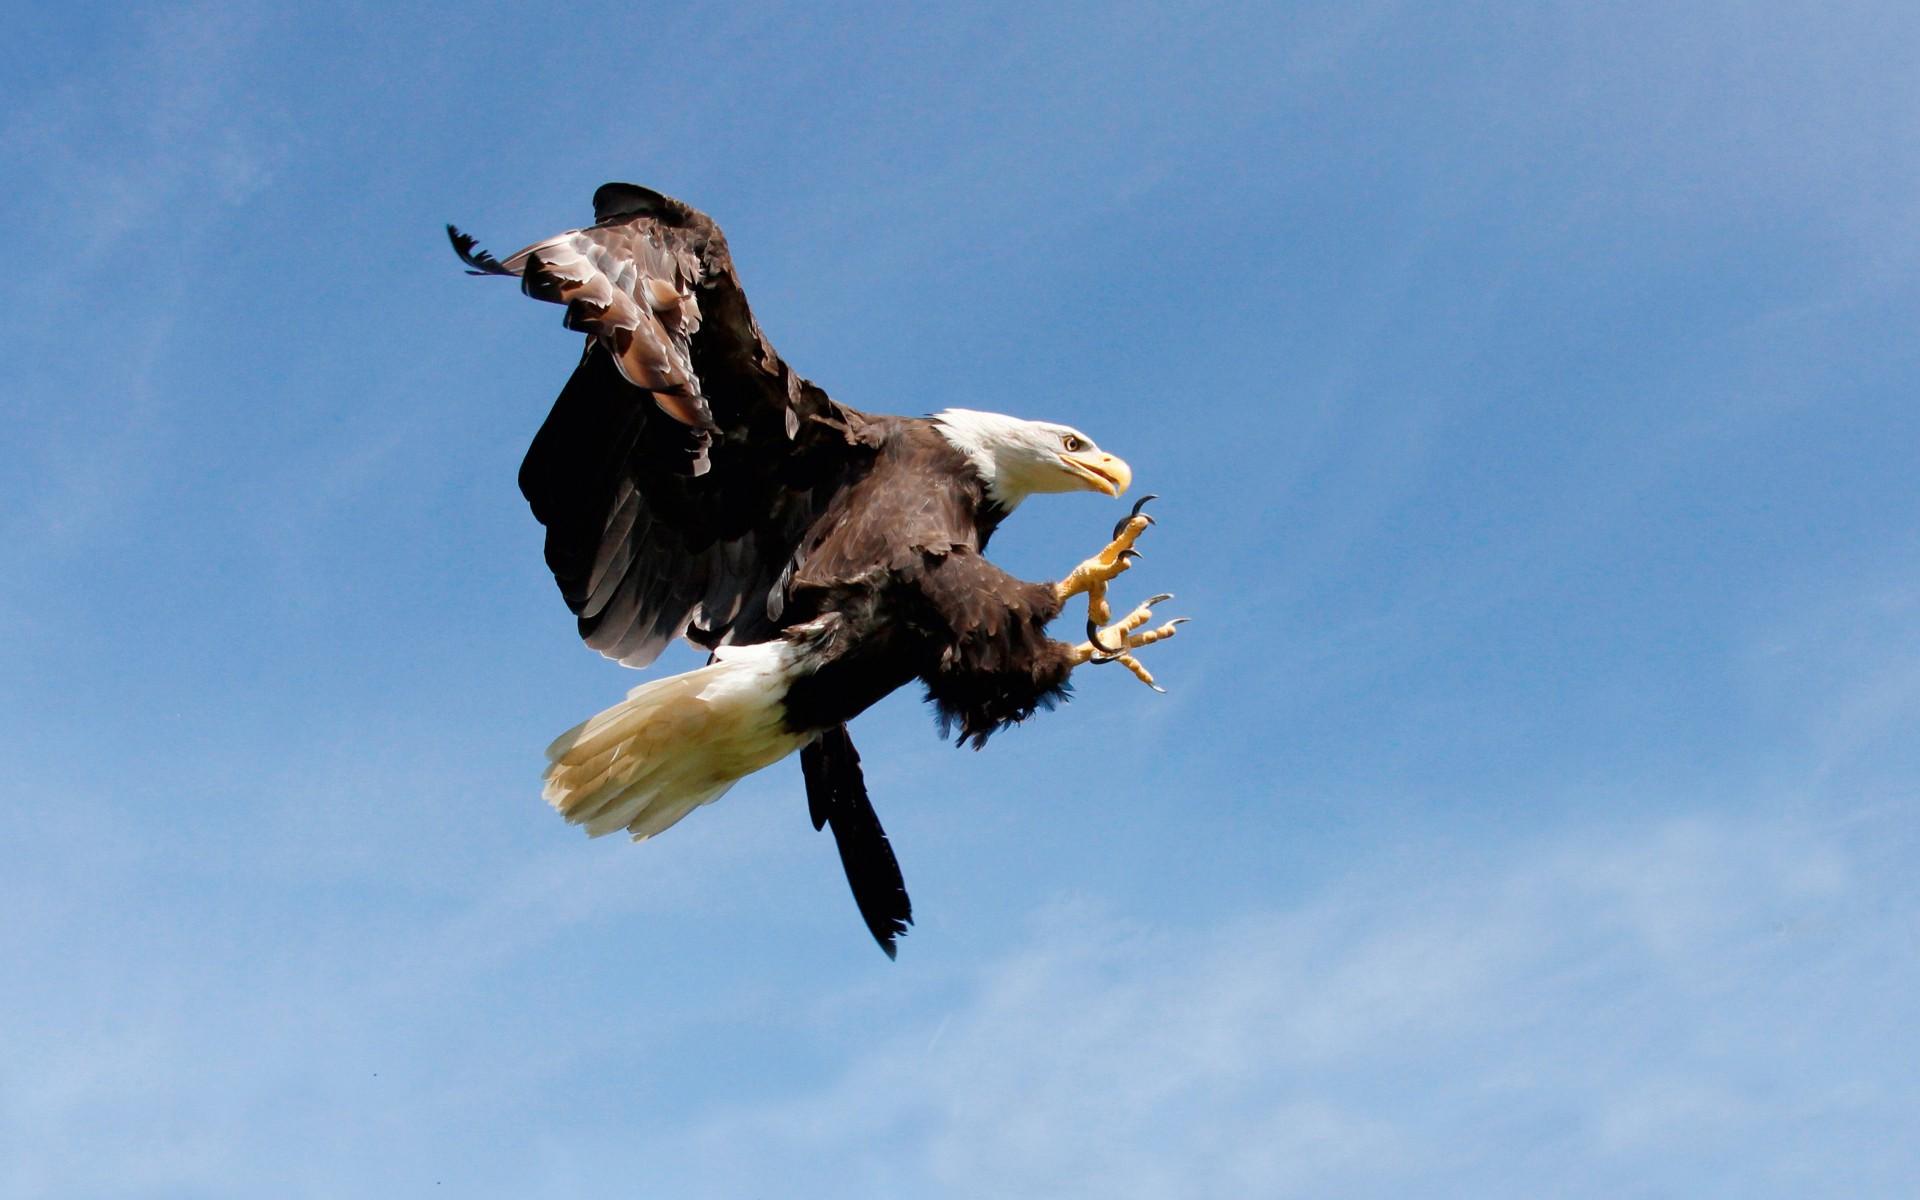 Aguila cabeza blanca atacando - 1920x1200